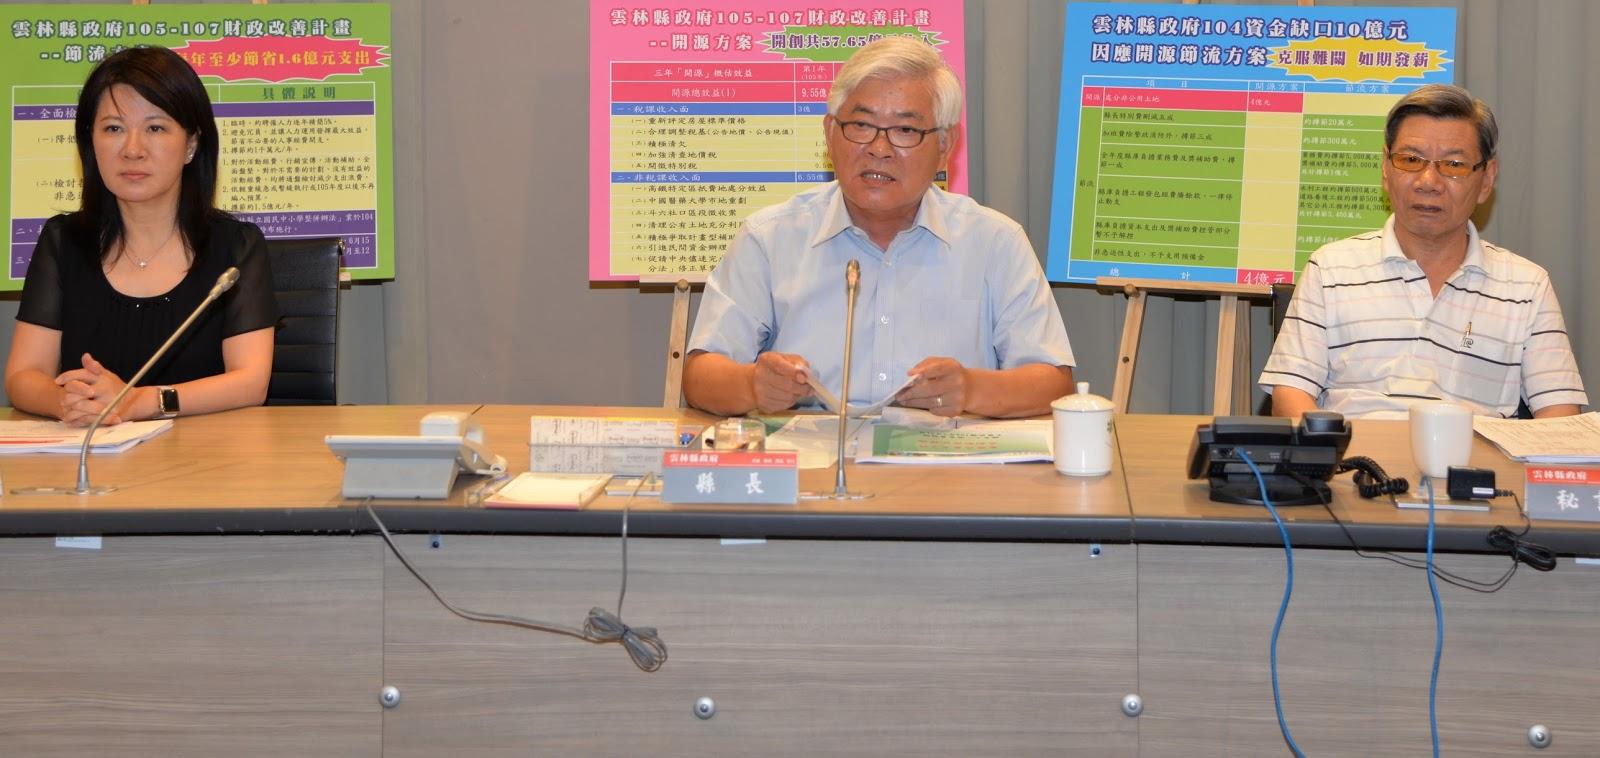 雲林縣府提出三年財改方案 節流也開源